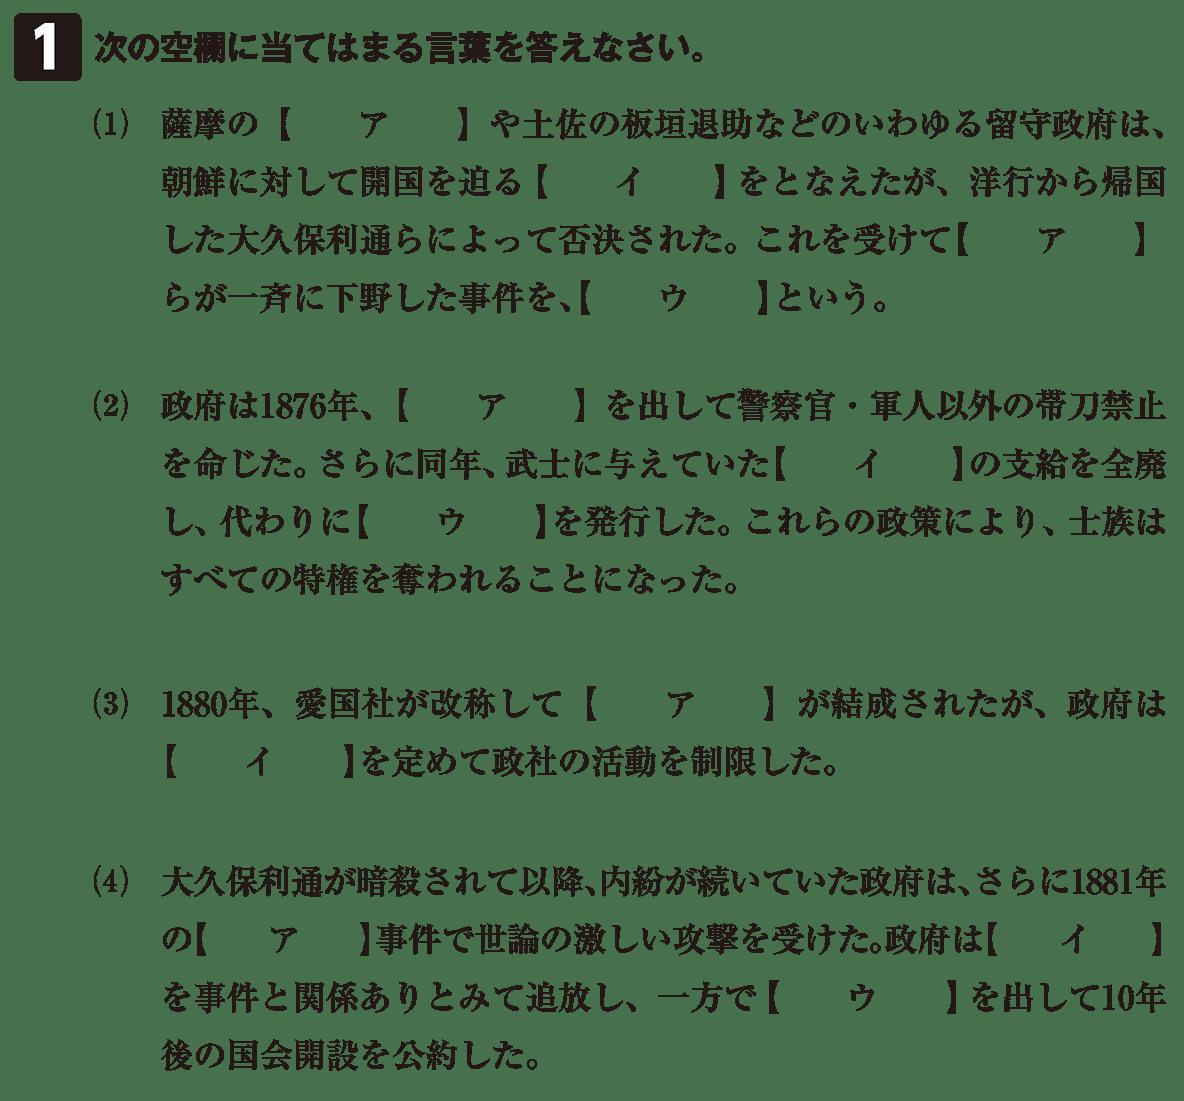 近代21 問題1 カッコ空欄